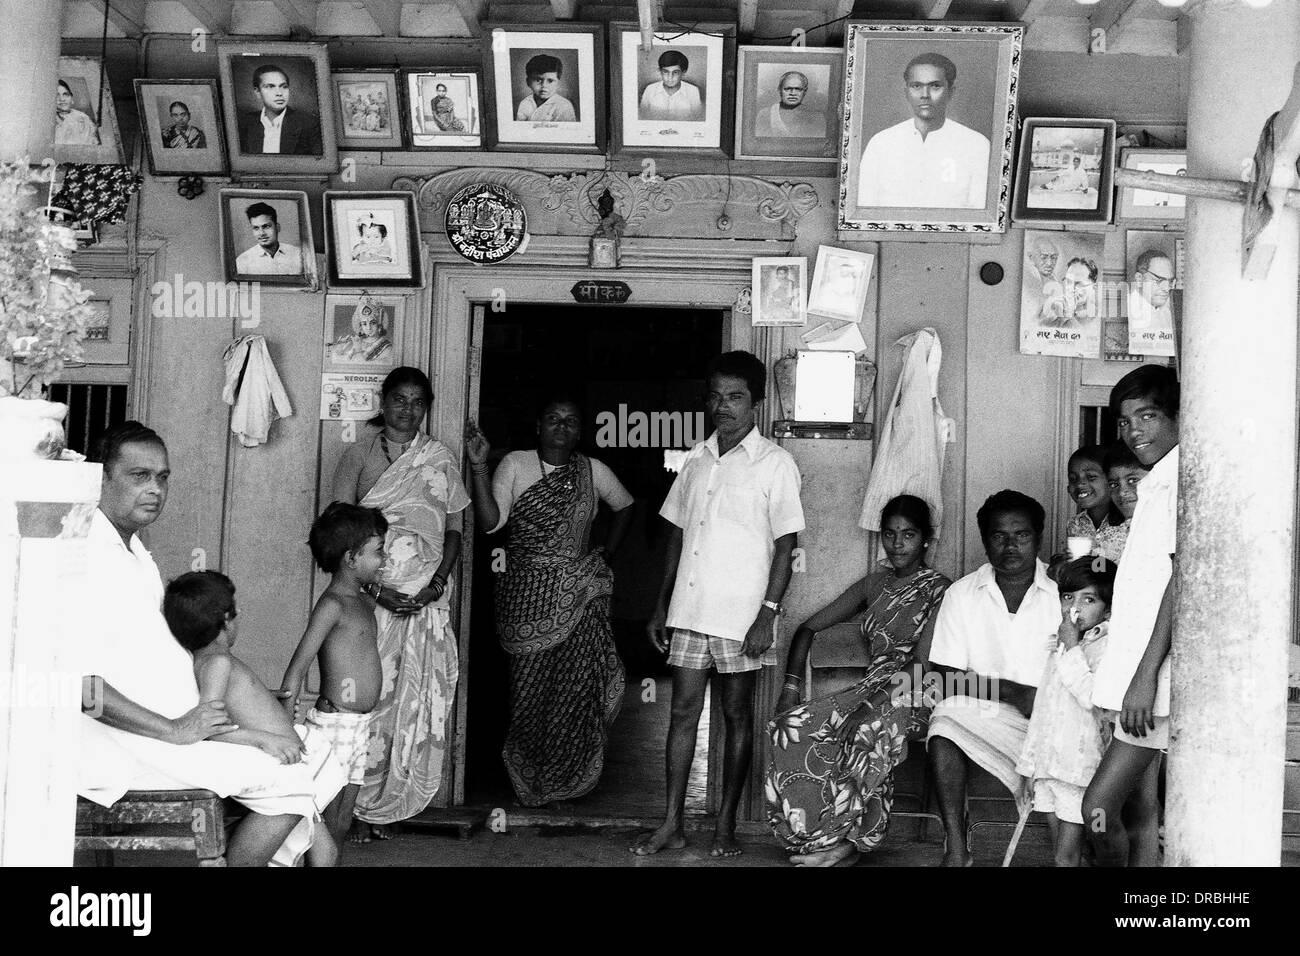 Family and ancestor photo frames, Versova, Mumbai, Maharashtra, India, 1977 - Stock Image